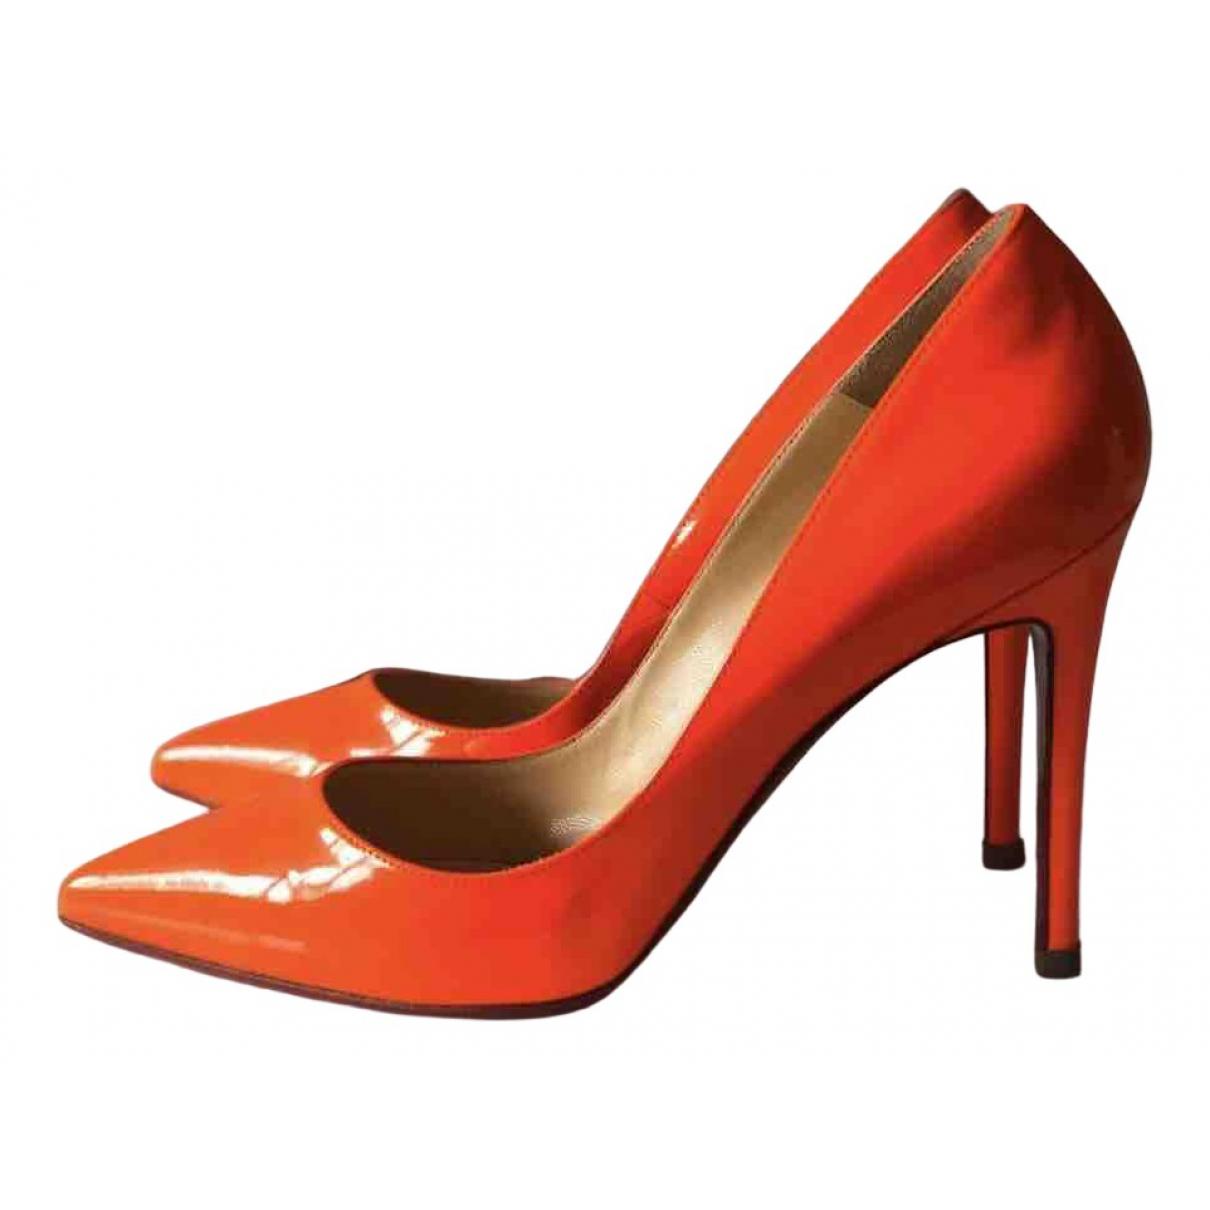 Christian Louboutin - Escarpins   pour femme en cuir - orange